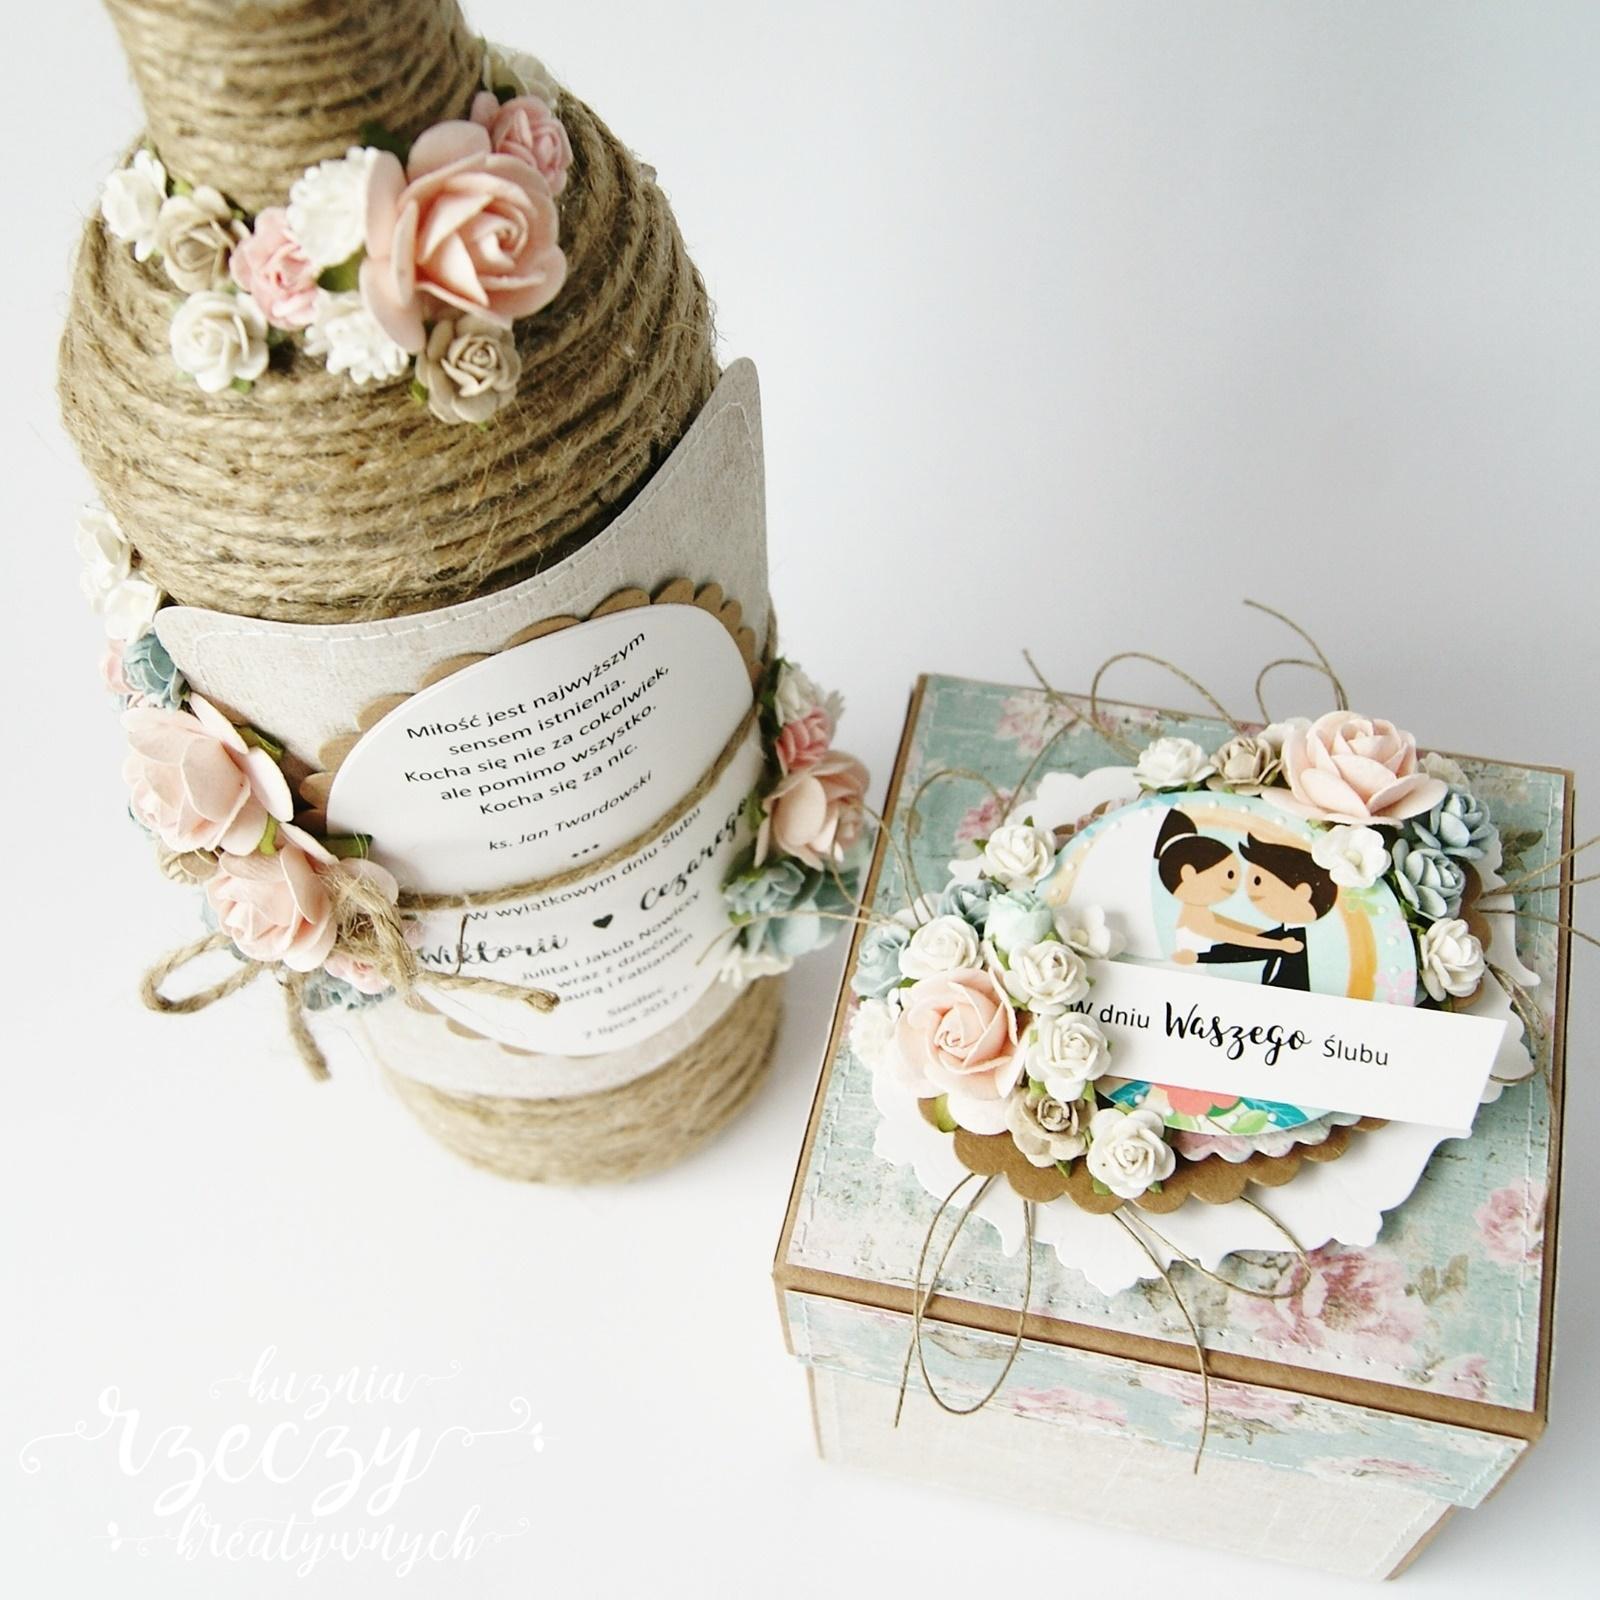 Wyjątkowy, kreatywny exploding box i wino w prezencie ślubnym.